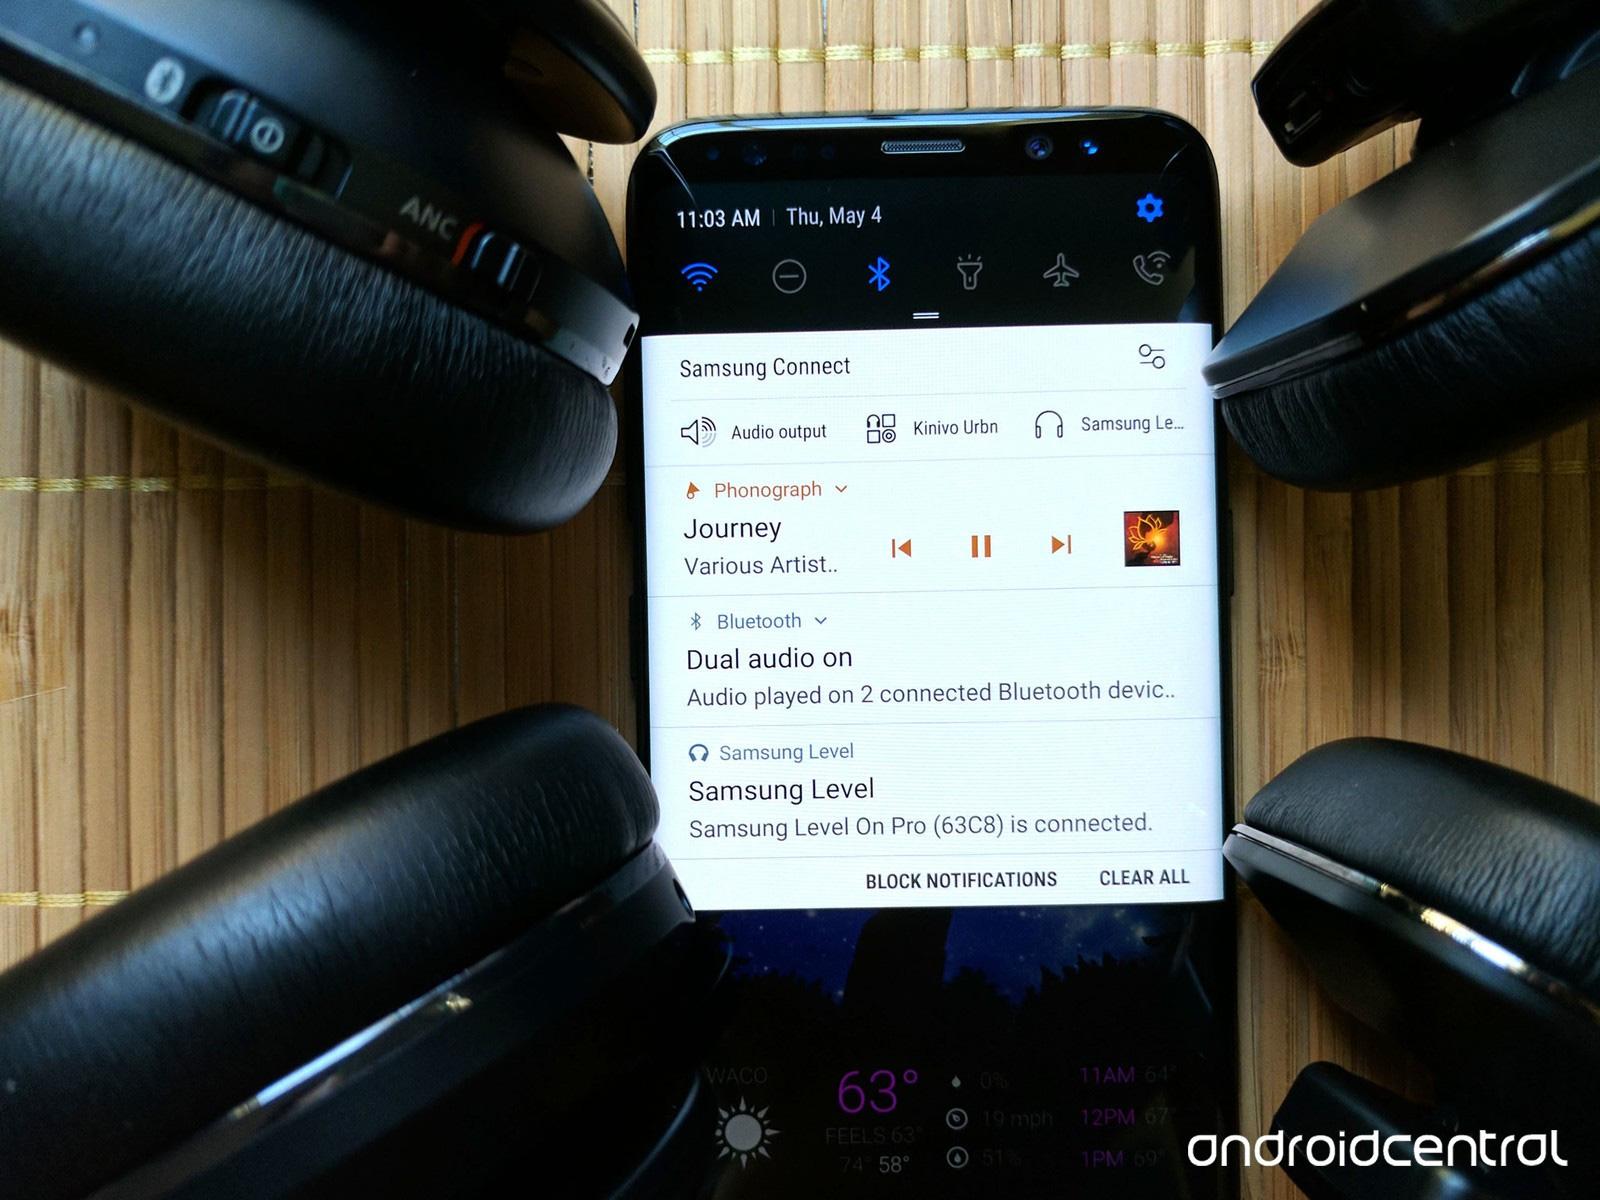 9 lý do chứng minh Galaxy Note8 ăn điểm trước iPhone X - Ảnh 13.